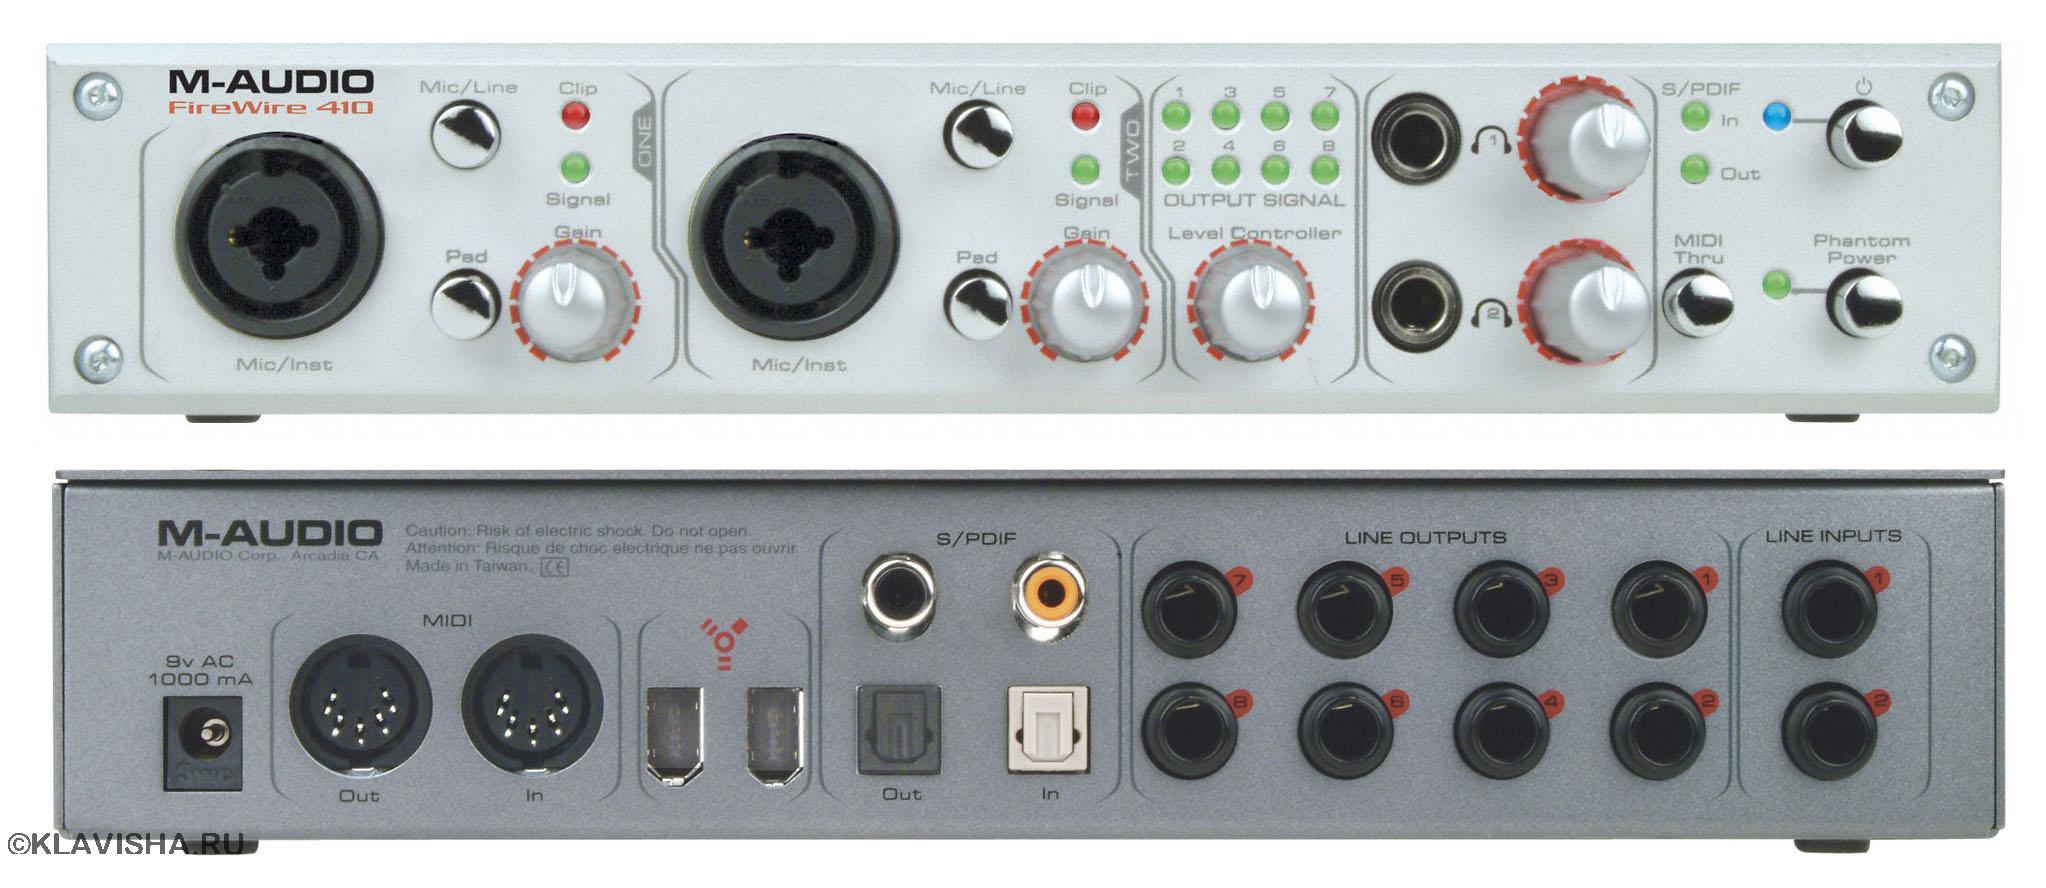 продам Внешняя звуковая карта M-Audio FireWire 410 - Куплю ...